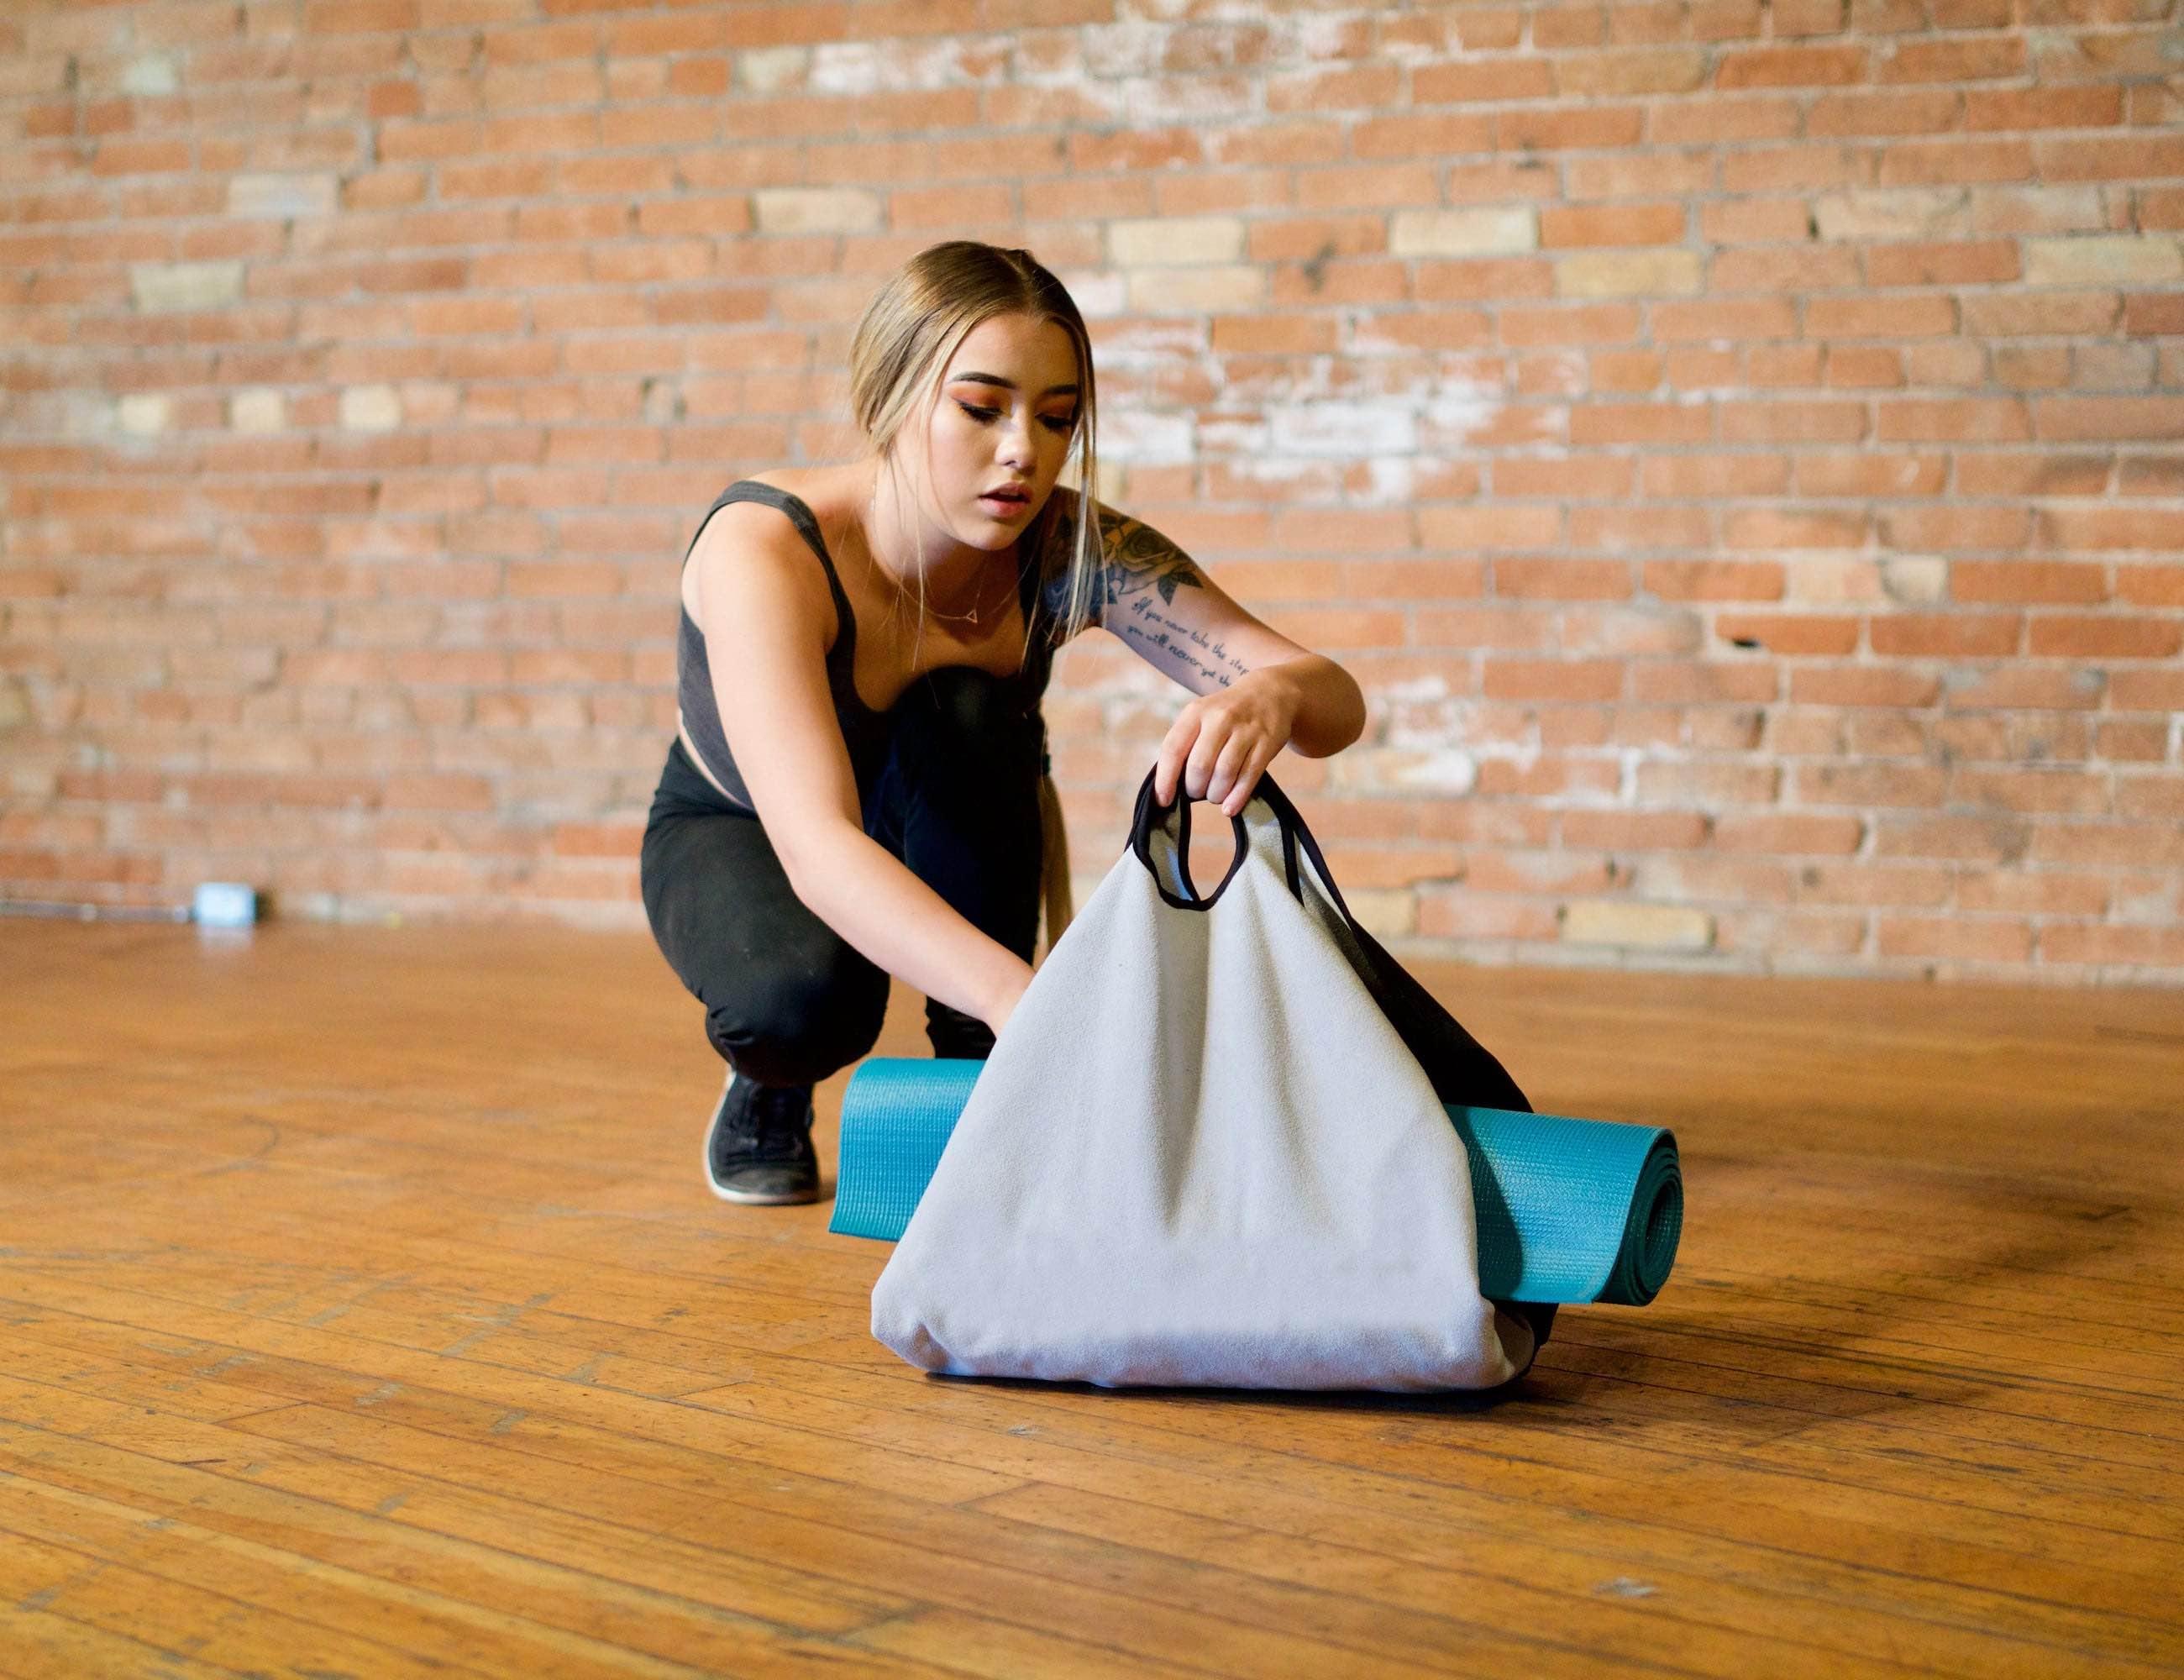 Origami Transformable Self-Closing Bag